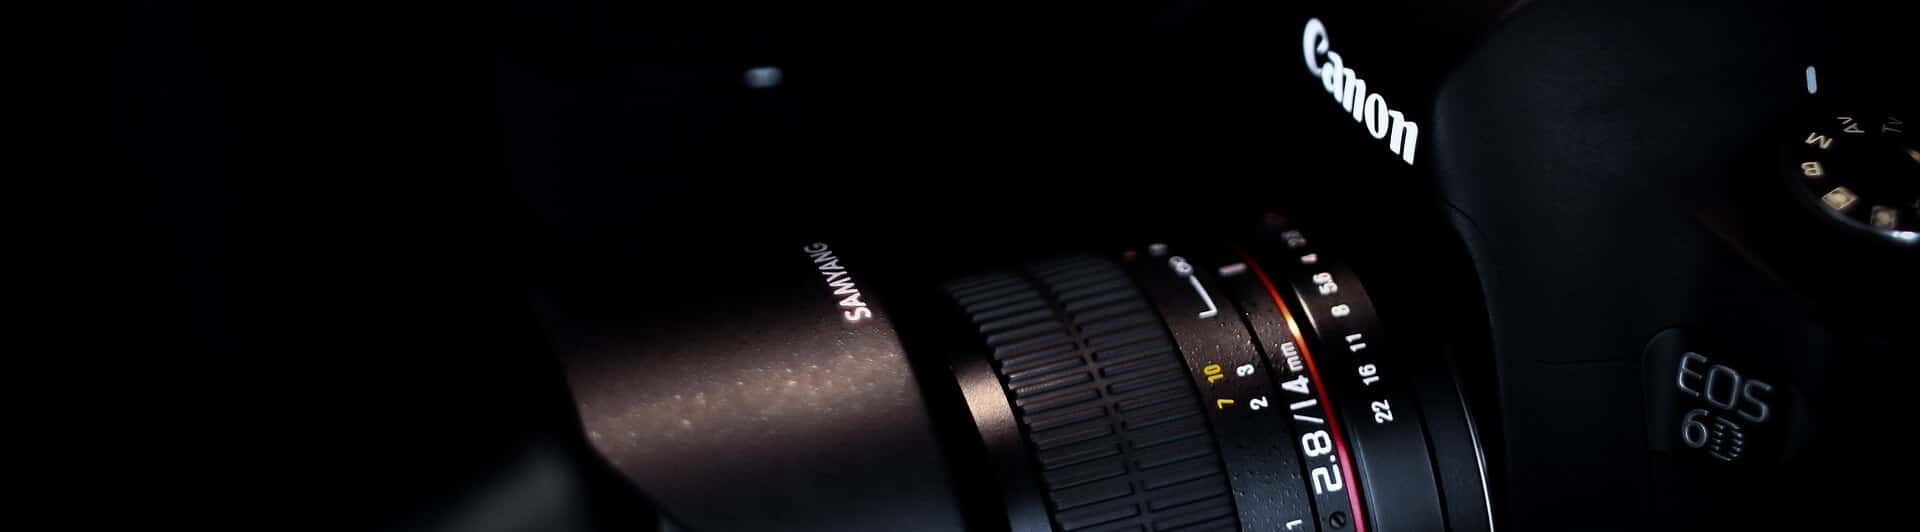 Le matériel photo numérique : comment le choisir ?